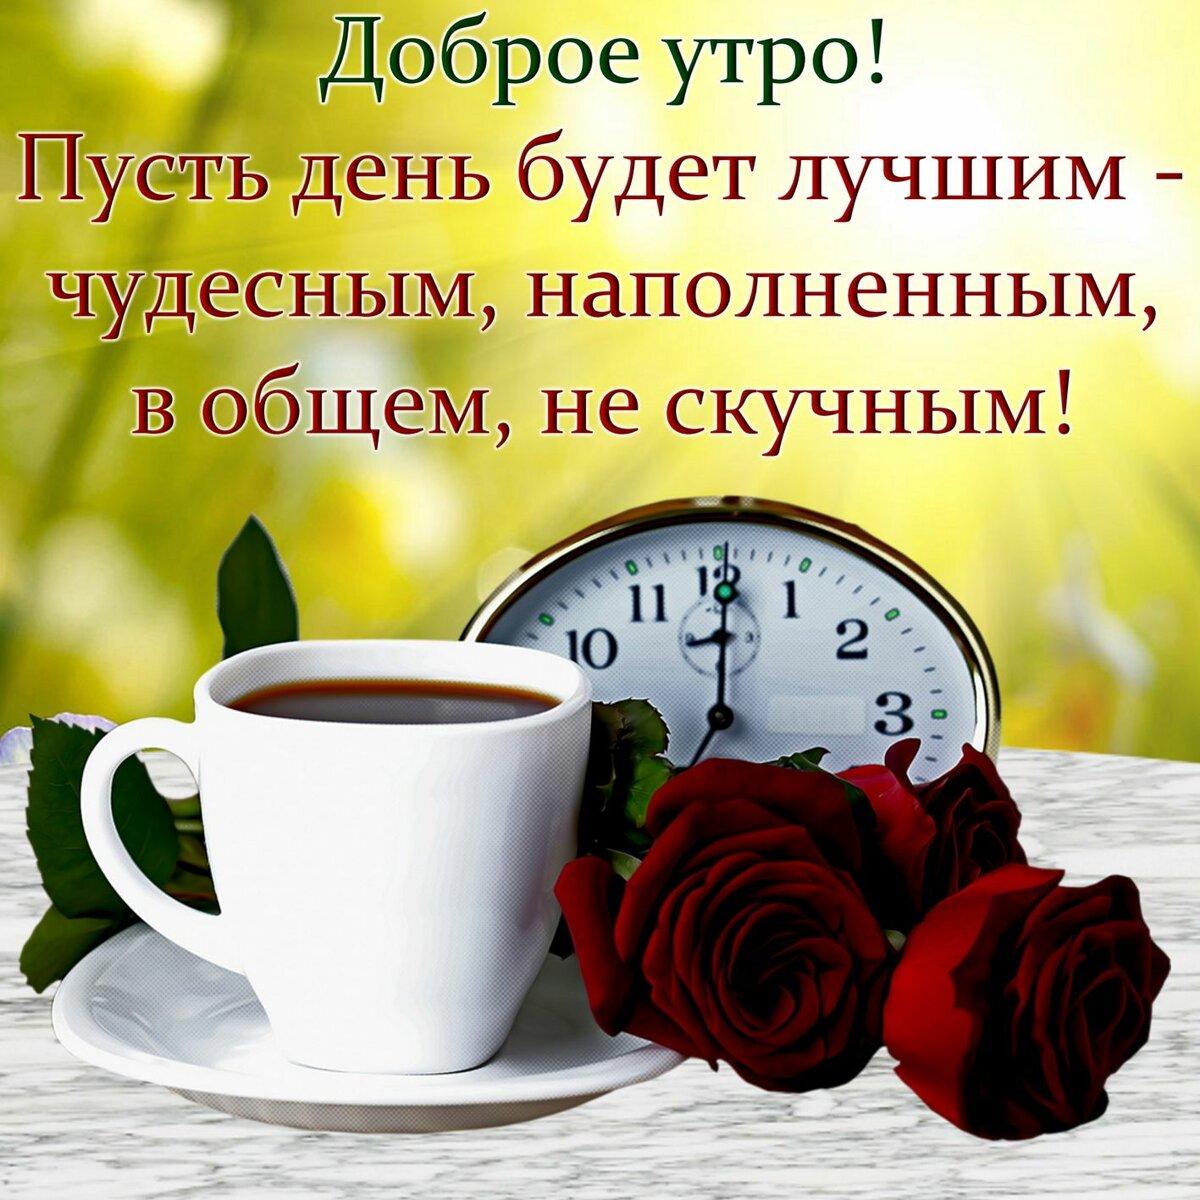 открытки с поздравлением доброе утро дорогая погибшую